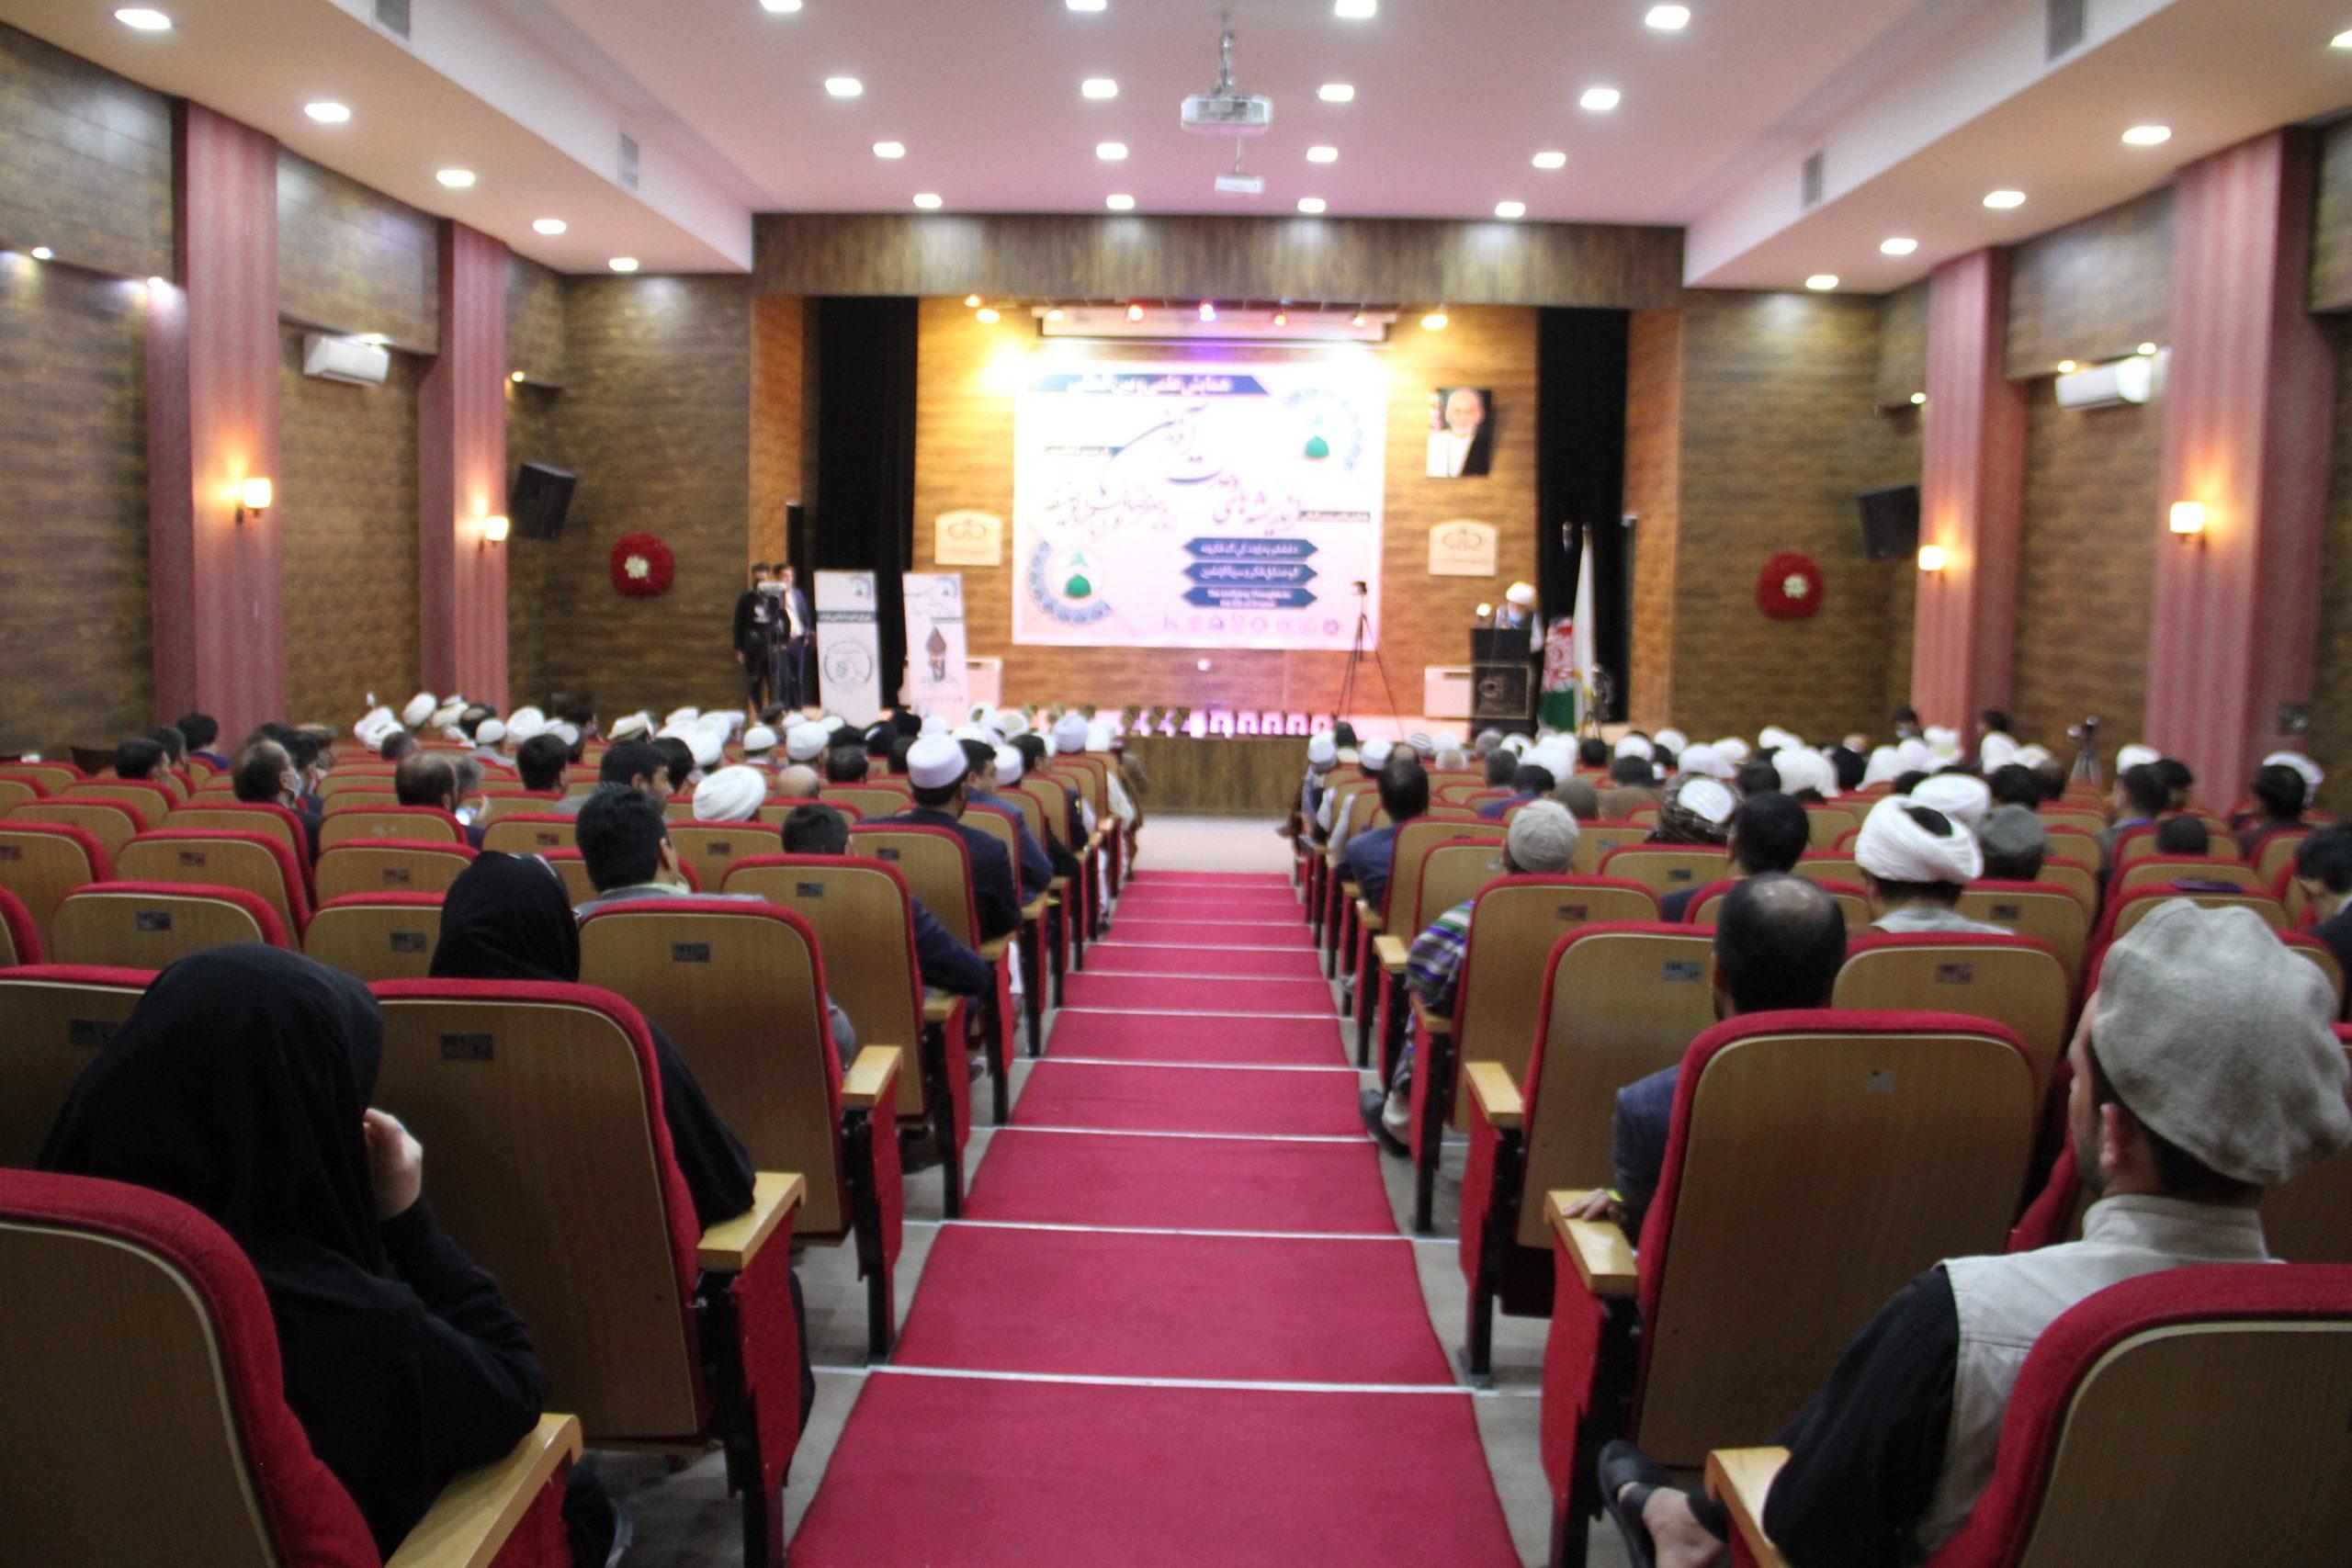 تاکید جدی بر وحدت اسلامی و تقویت و انتقال این نگرش به جهان اسلام